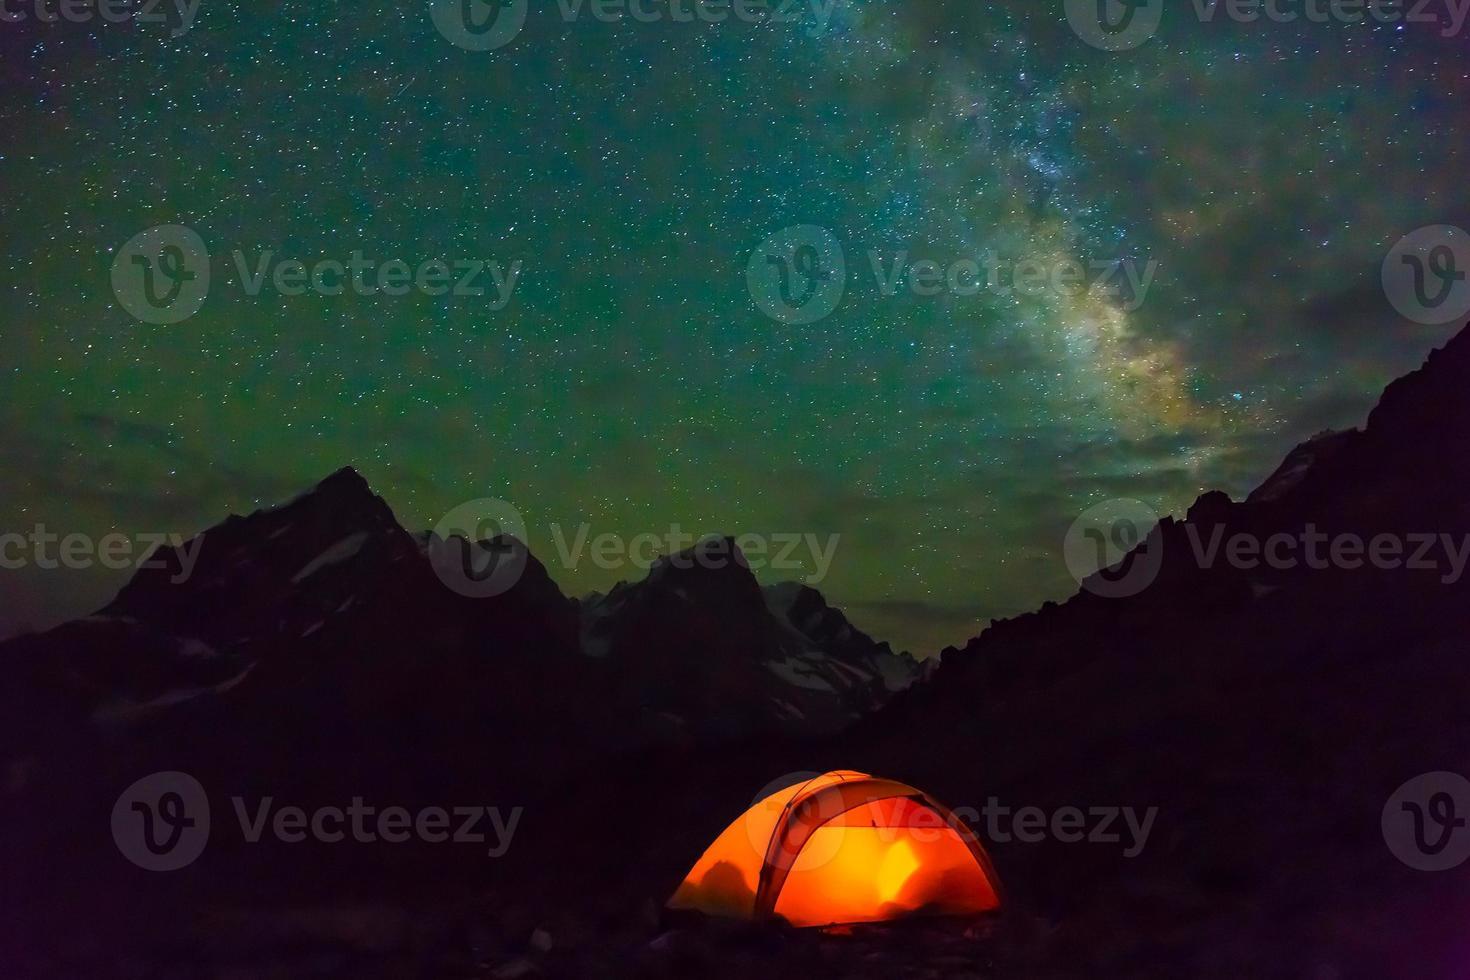 nacht berglandschap met verlichte tent foto